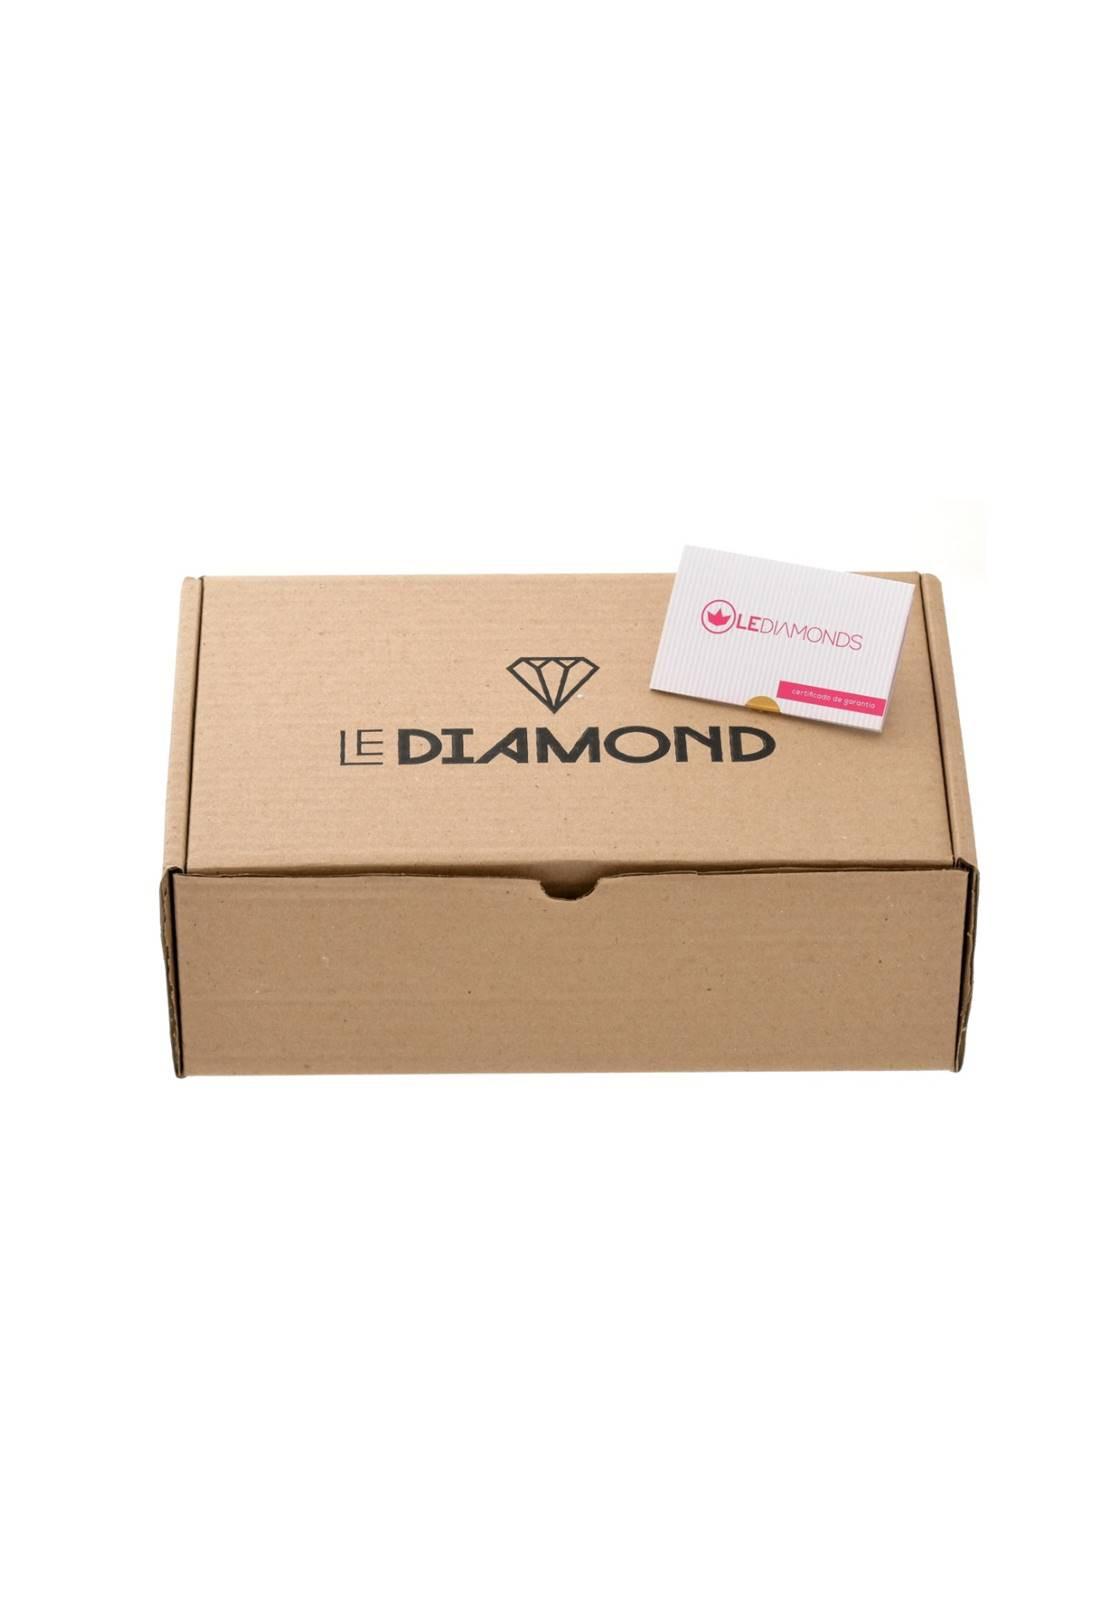 Brinco Le Diamond Brinco Grant Wood Argola Oval C/ Coração Preto